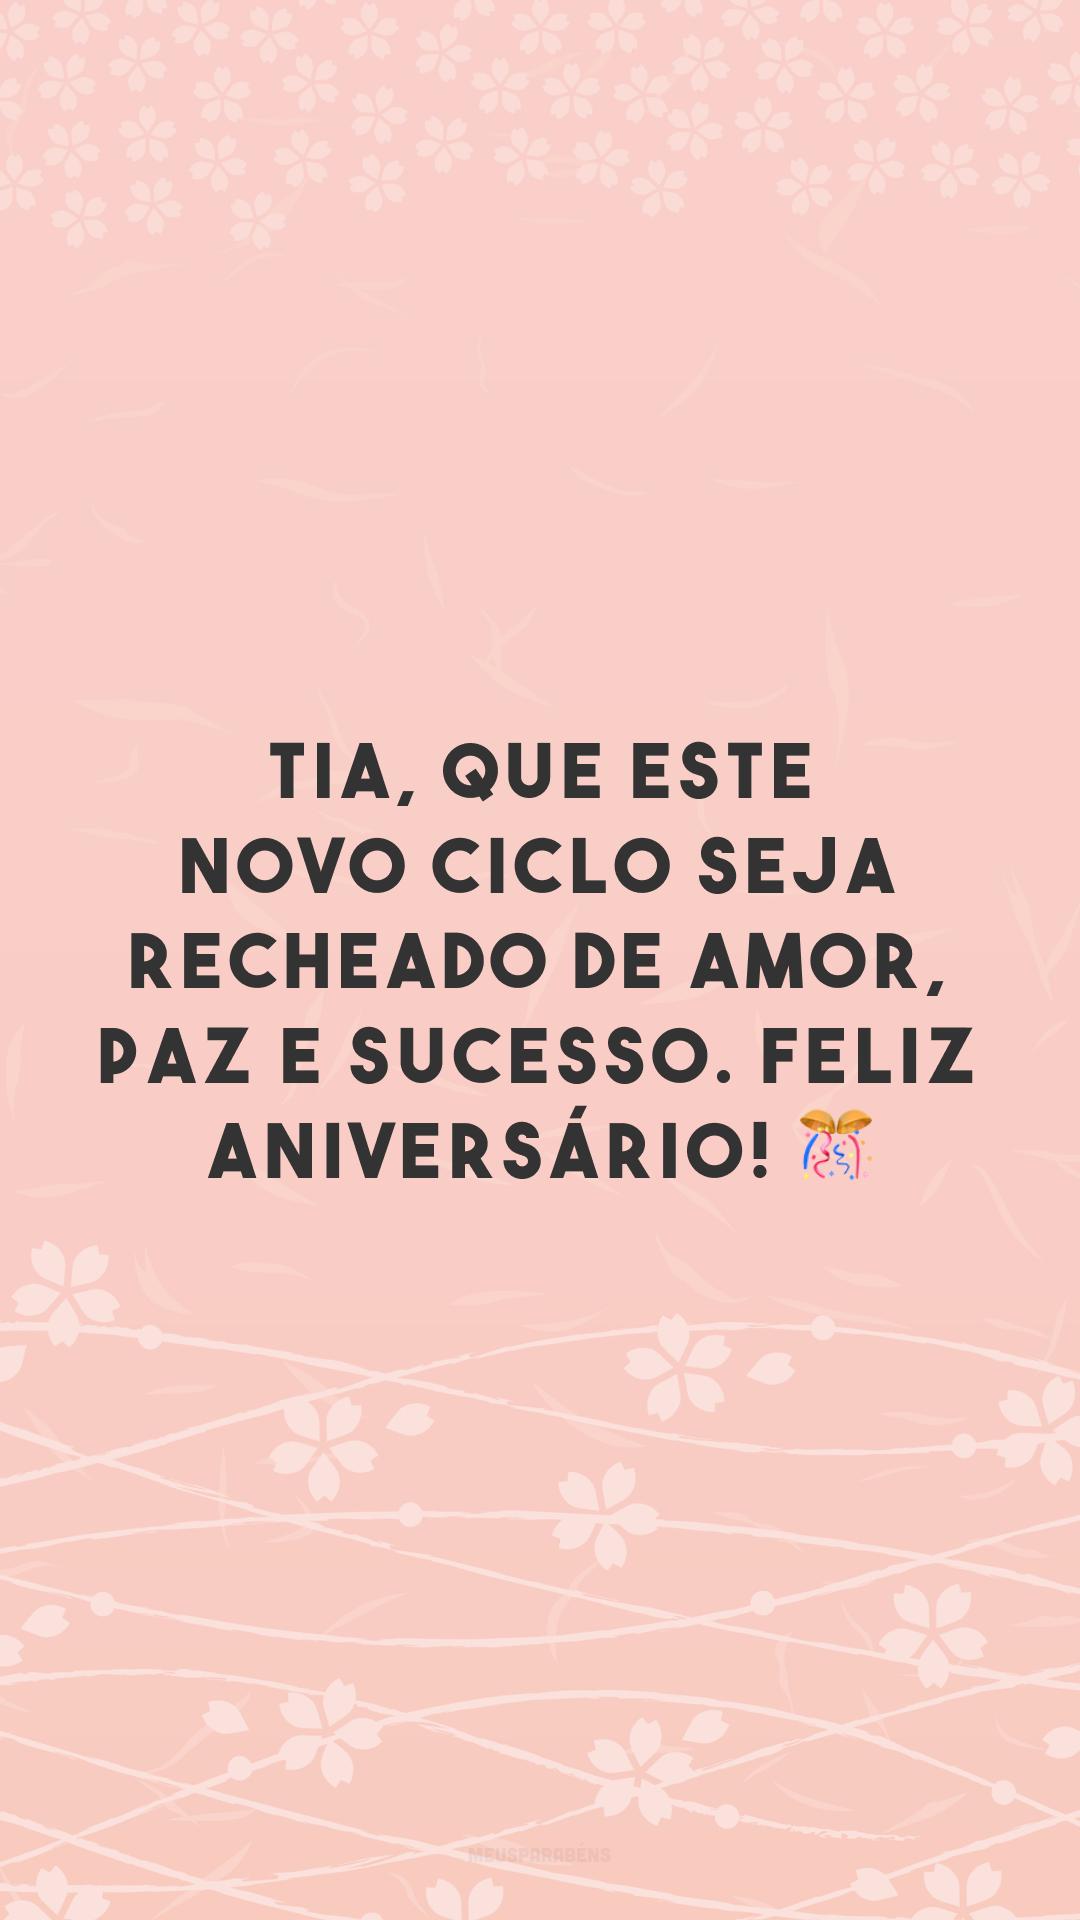 Tia, que este novo ciclo seja recheado de amor, paz e sucesso. Feliz aniversário! 🎊